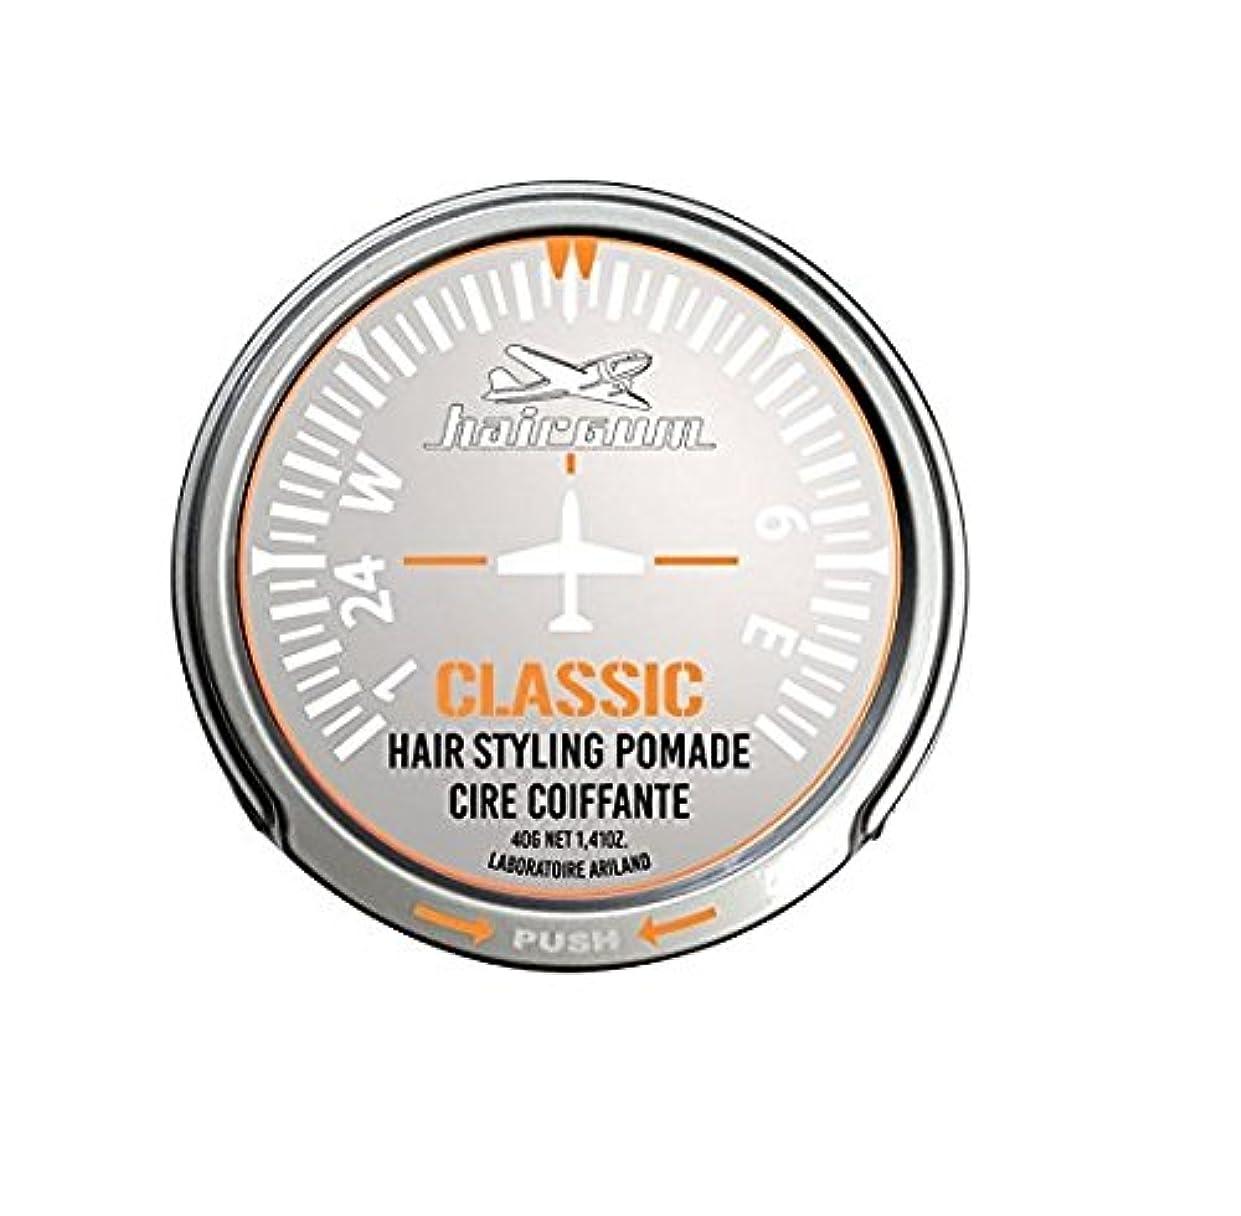 世界ファンまろやかなhairgum(ヘアガム) Classic Pomade 40g ヘアガム クラシック 油性ポマード